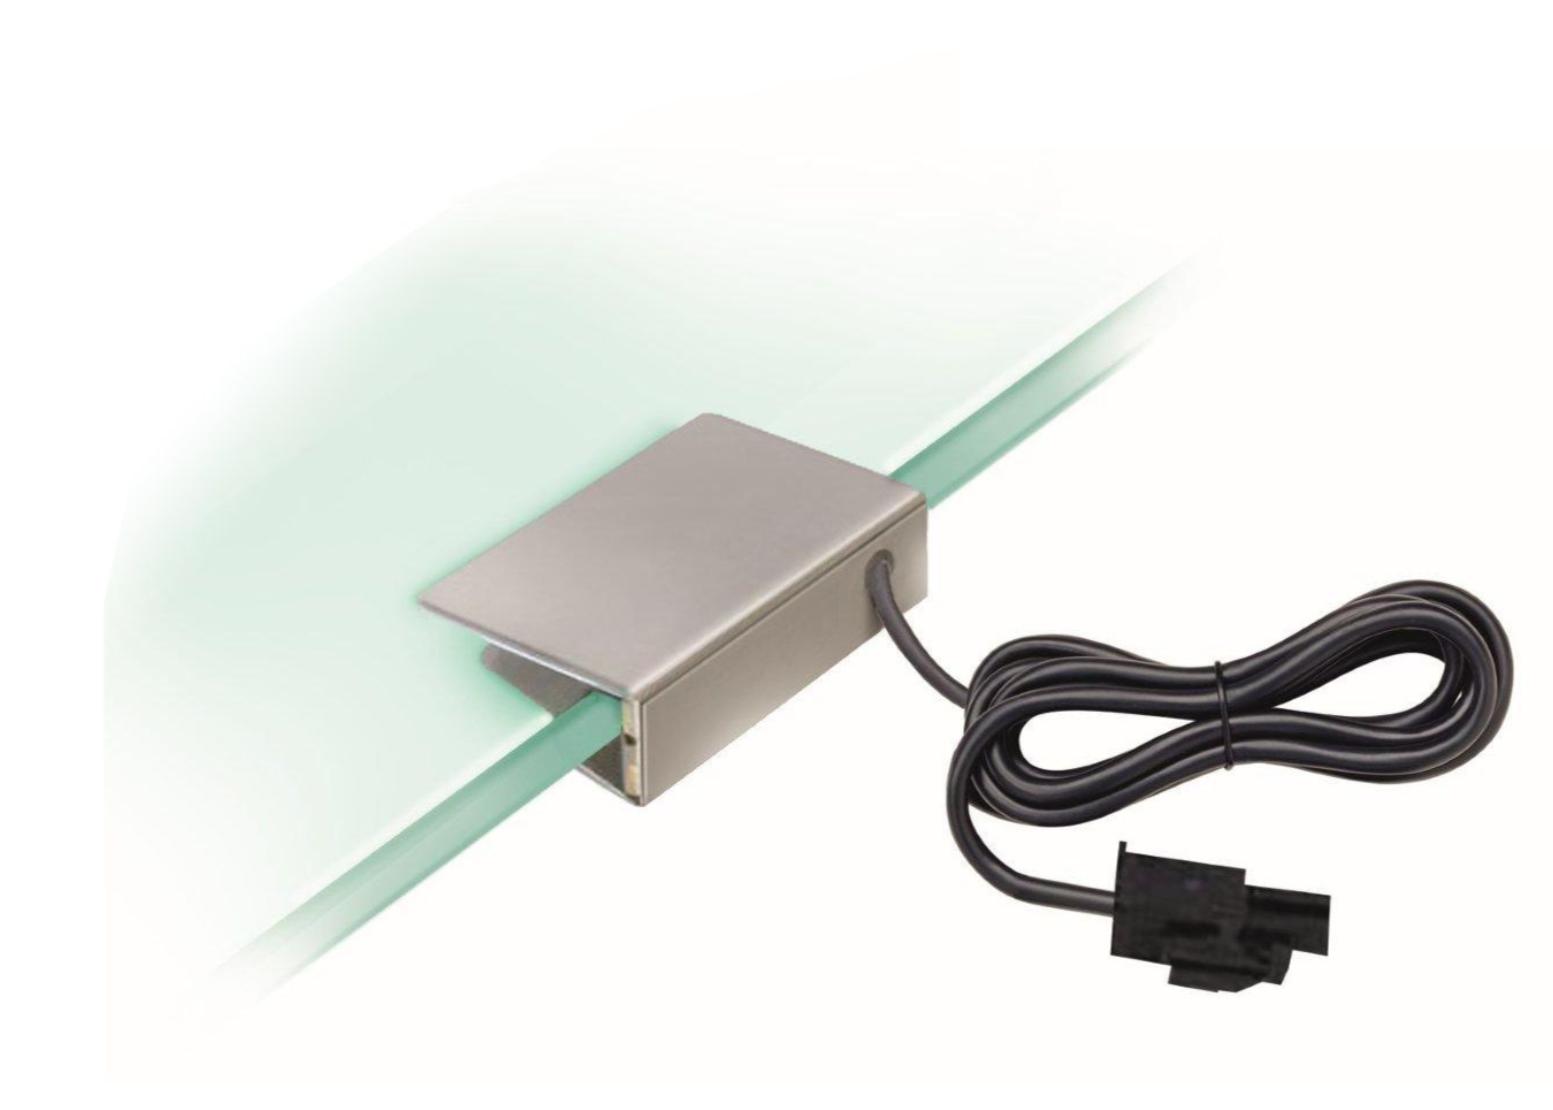 Φωτισμός LED για βάση τηλεόρασης Arcan I